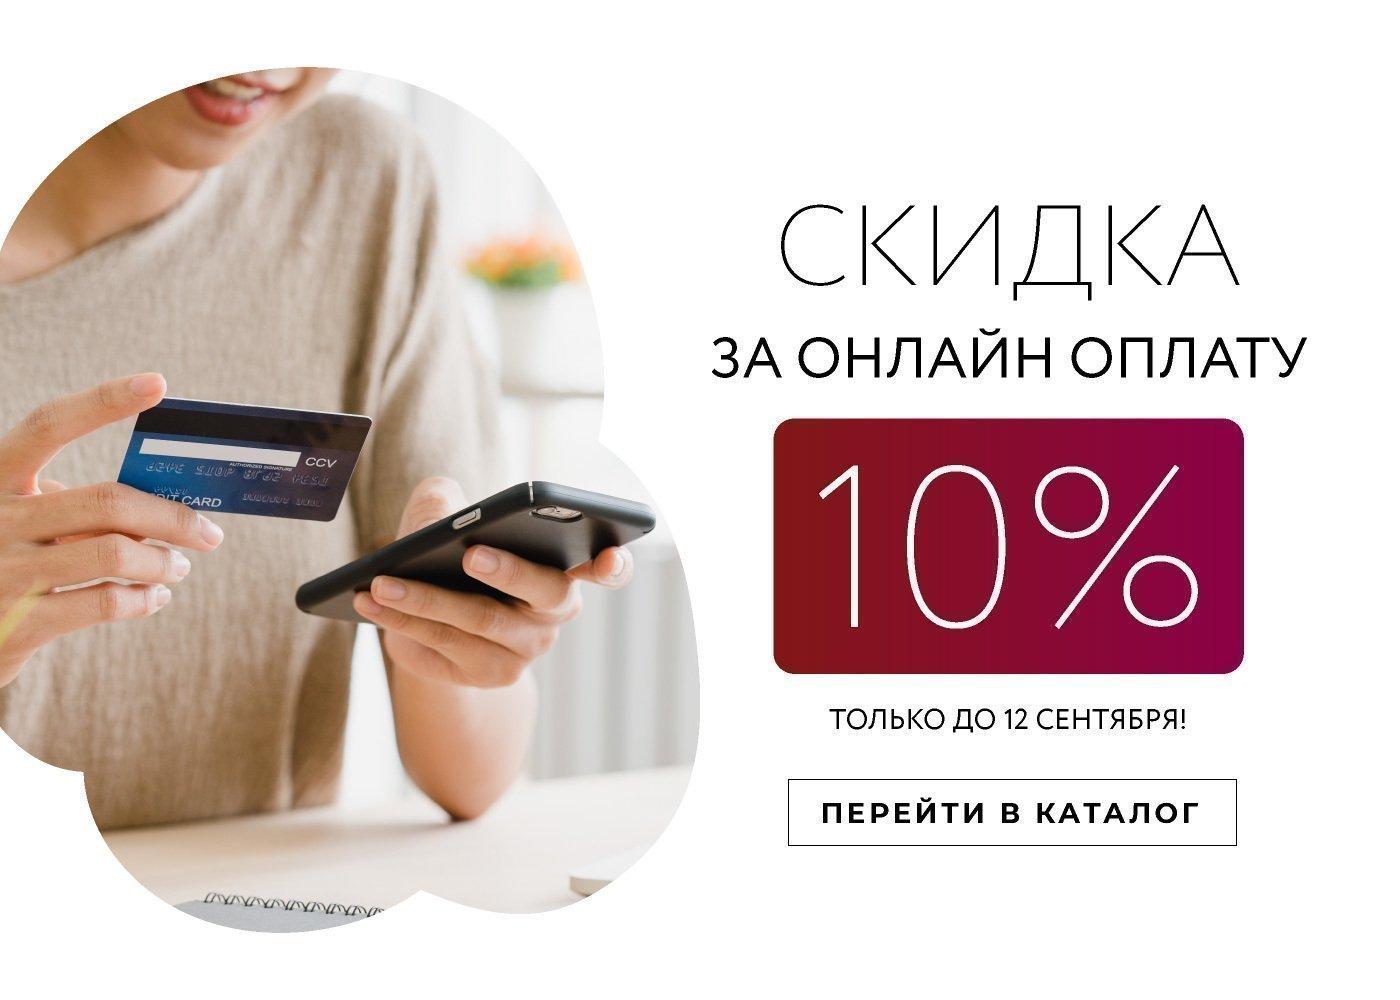 Только до 12 сентября скидка за онлайн оплату 10%